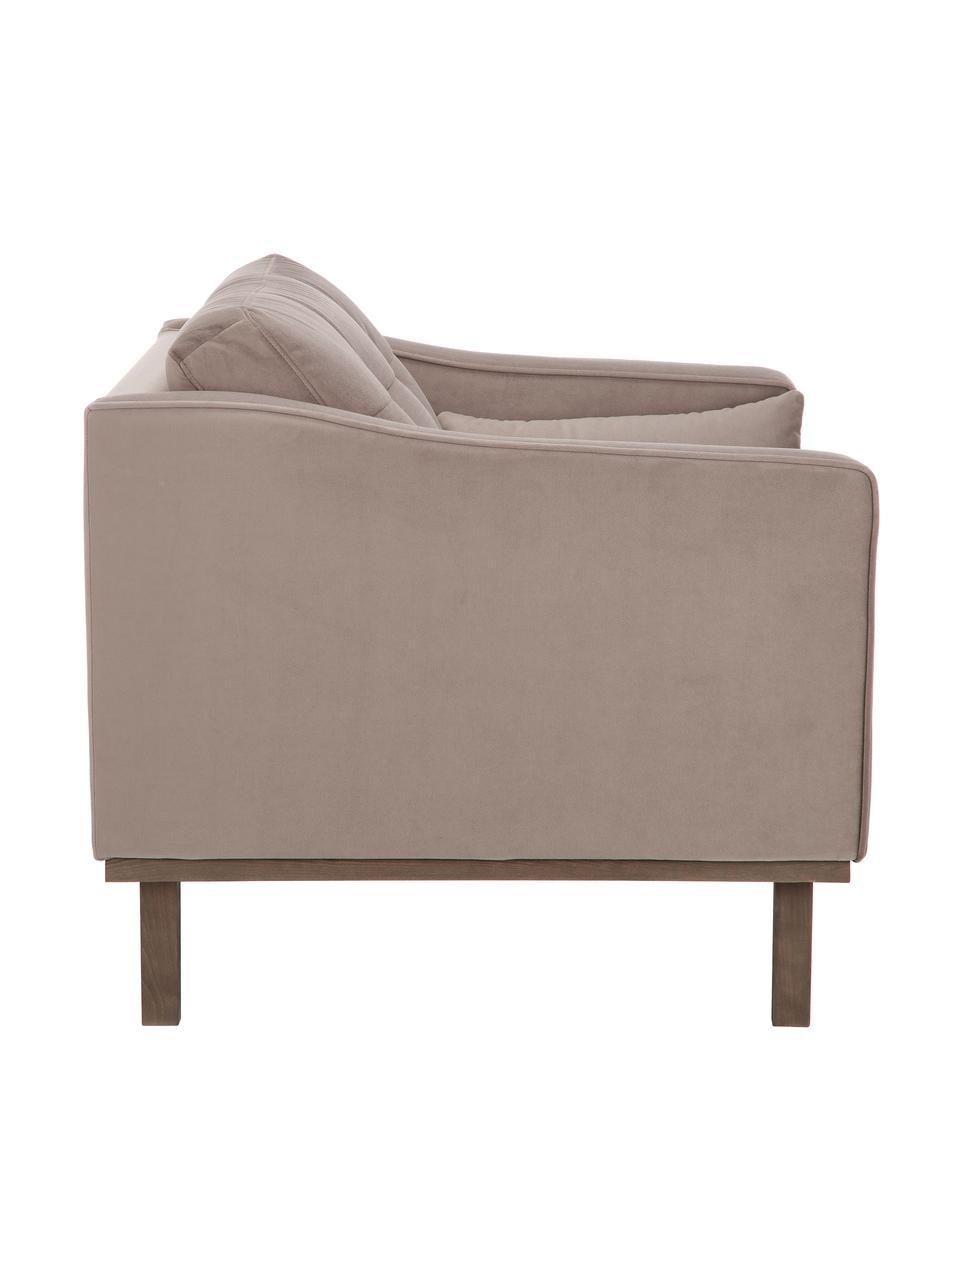 Fotel z aksamitu  z nogami z drewna bukowego Alva, Tapicerka: aksamit (wysokiej jakości, Nogi: lite drewno bukowe, barwi, Aksamitny taupe, S 102 x G 92 cm